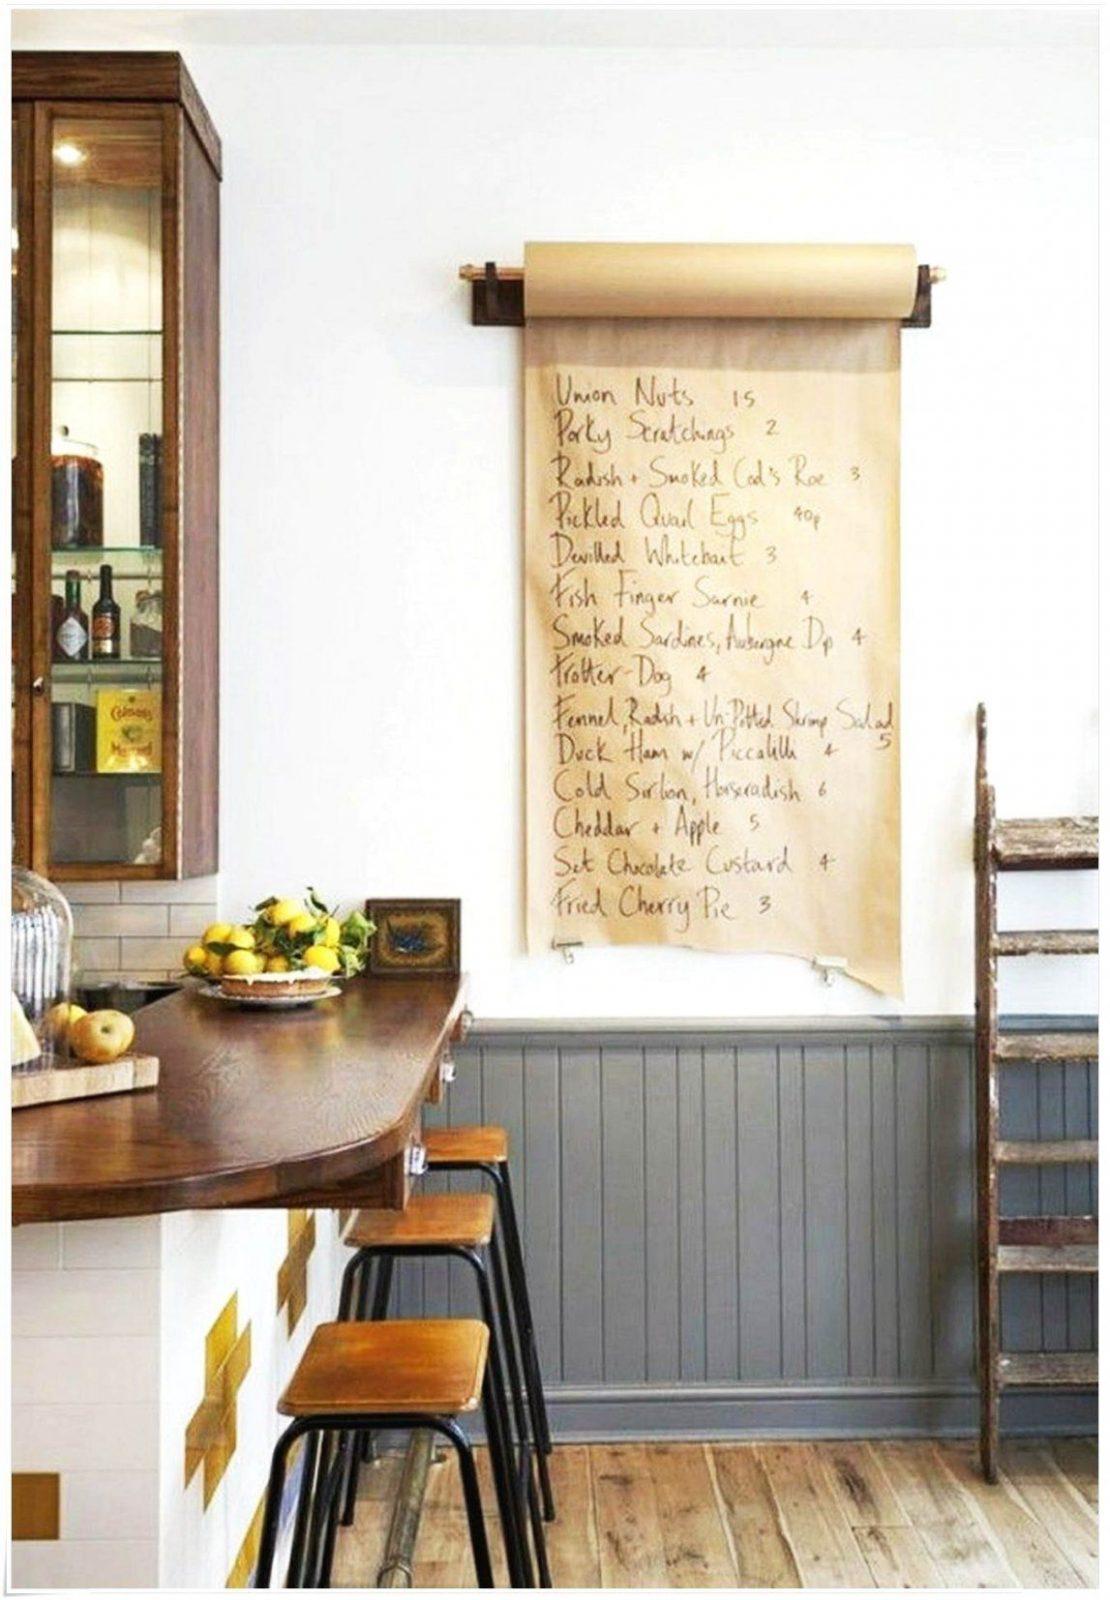 Wanddeko Küche Selber Machen Metod von Wanddeko Küche Selber Machen Bild